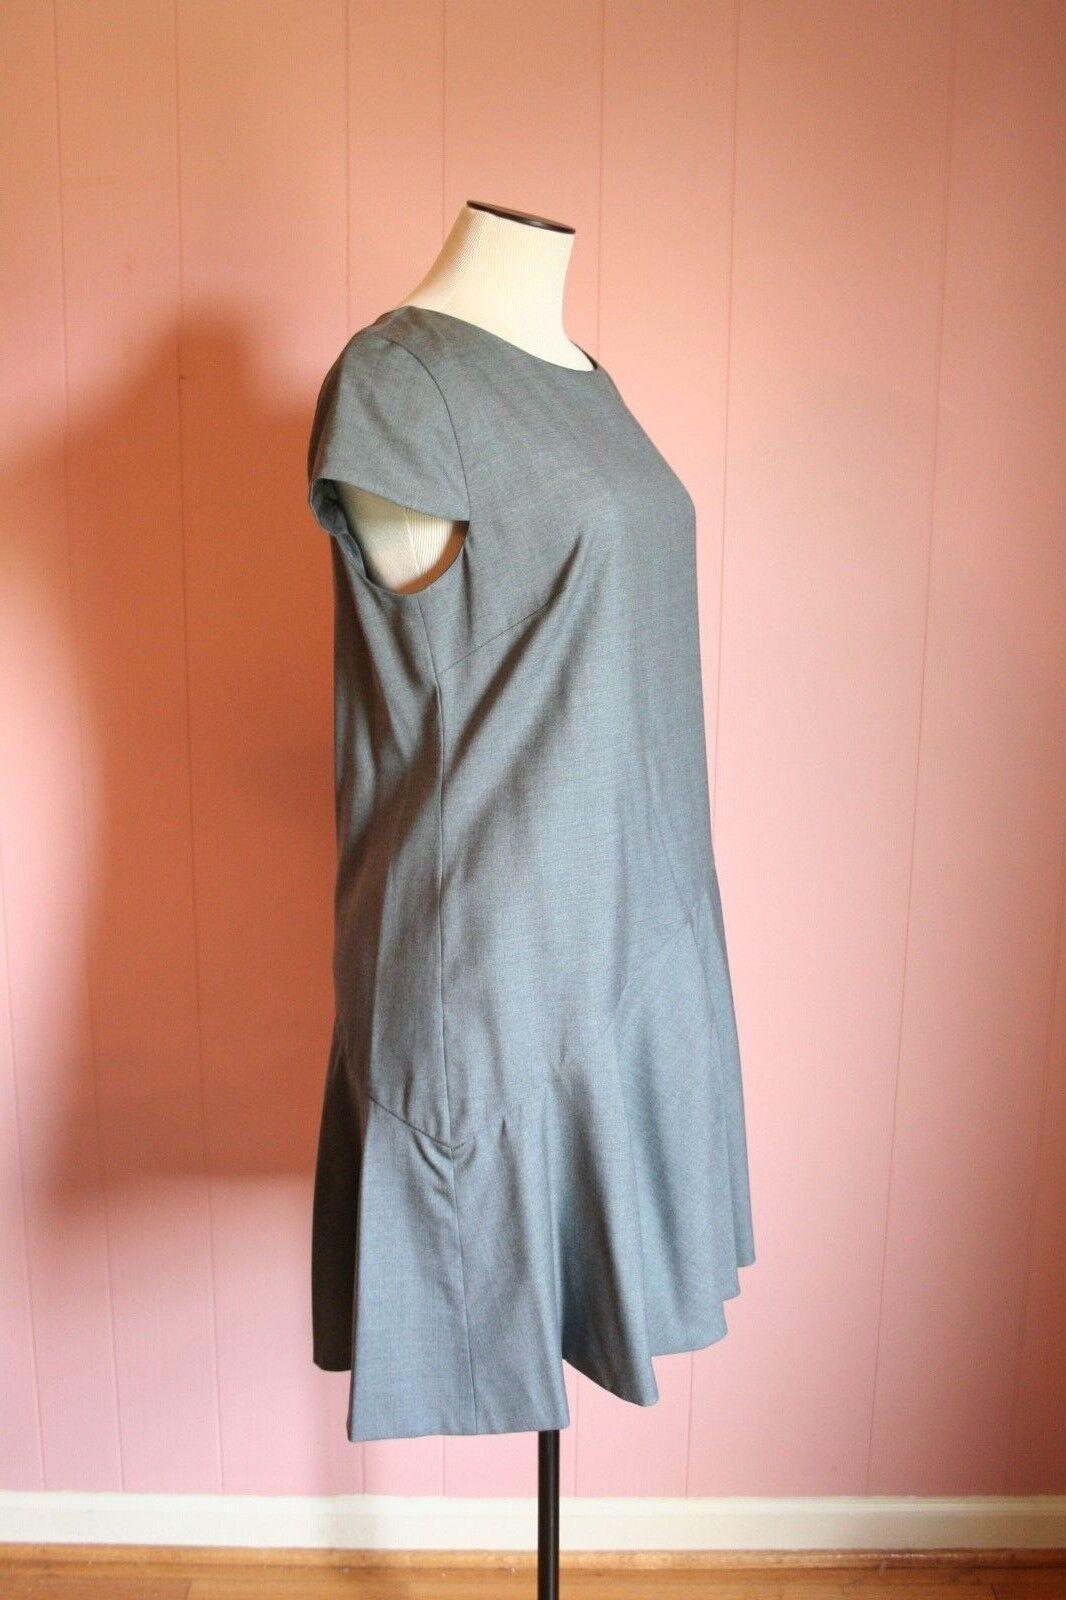 JCrew Flounce Dress Dress Dress in Super 120s Wool 8 Heather Flannel Grey Suit Career B8149 607140